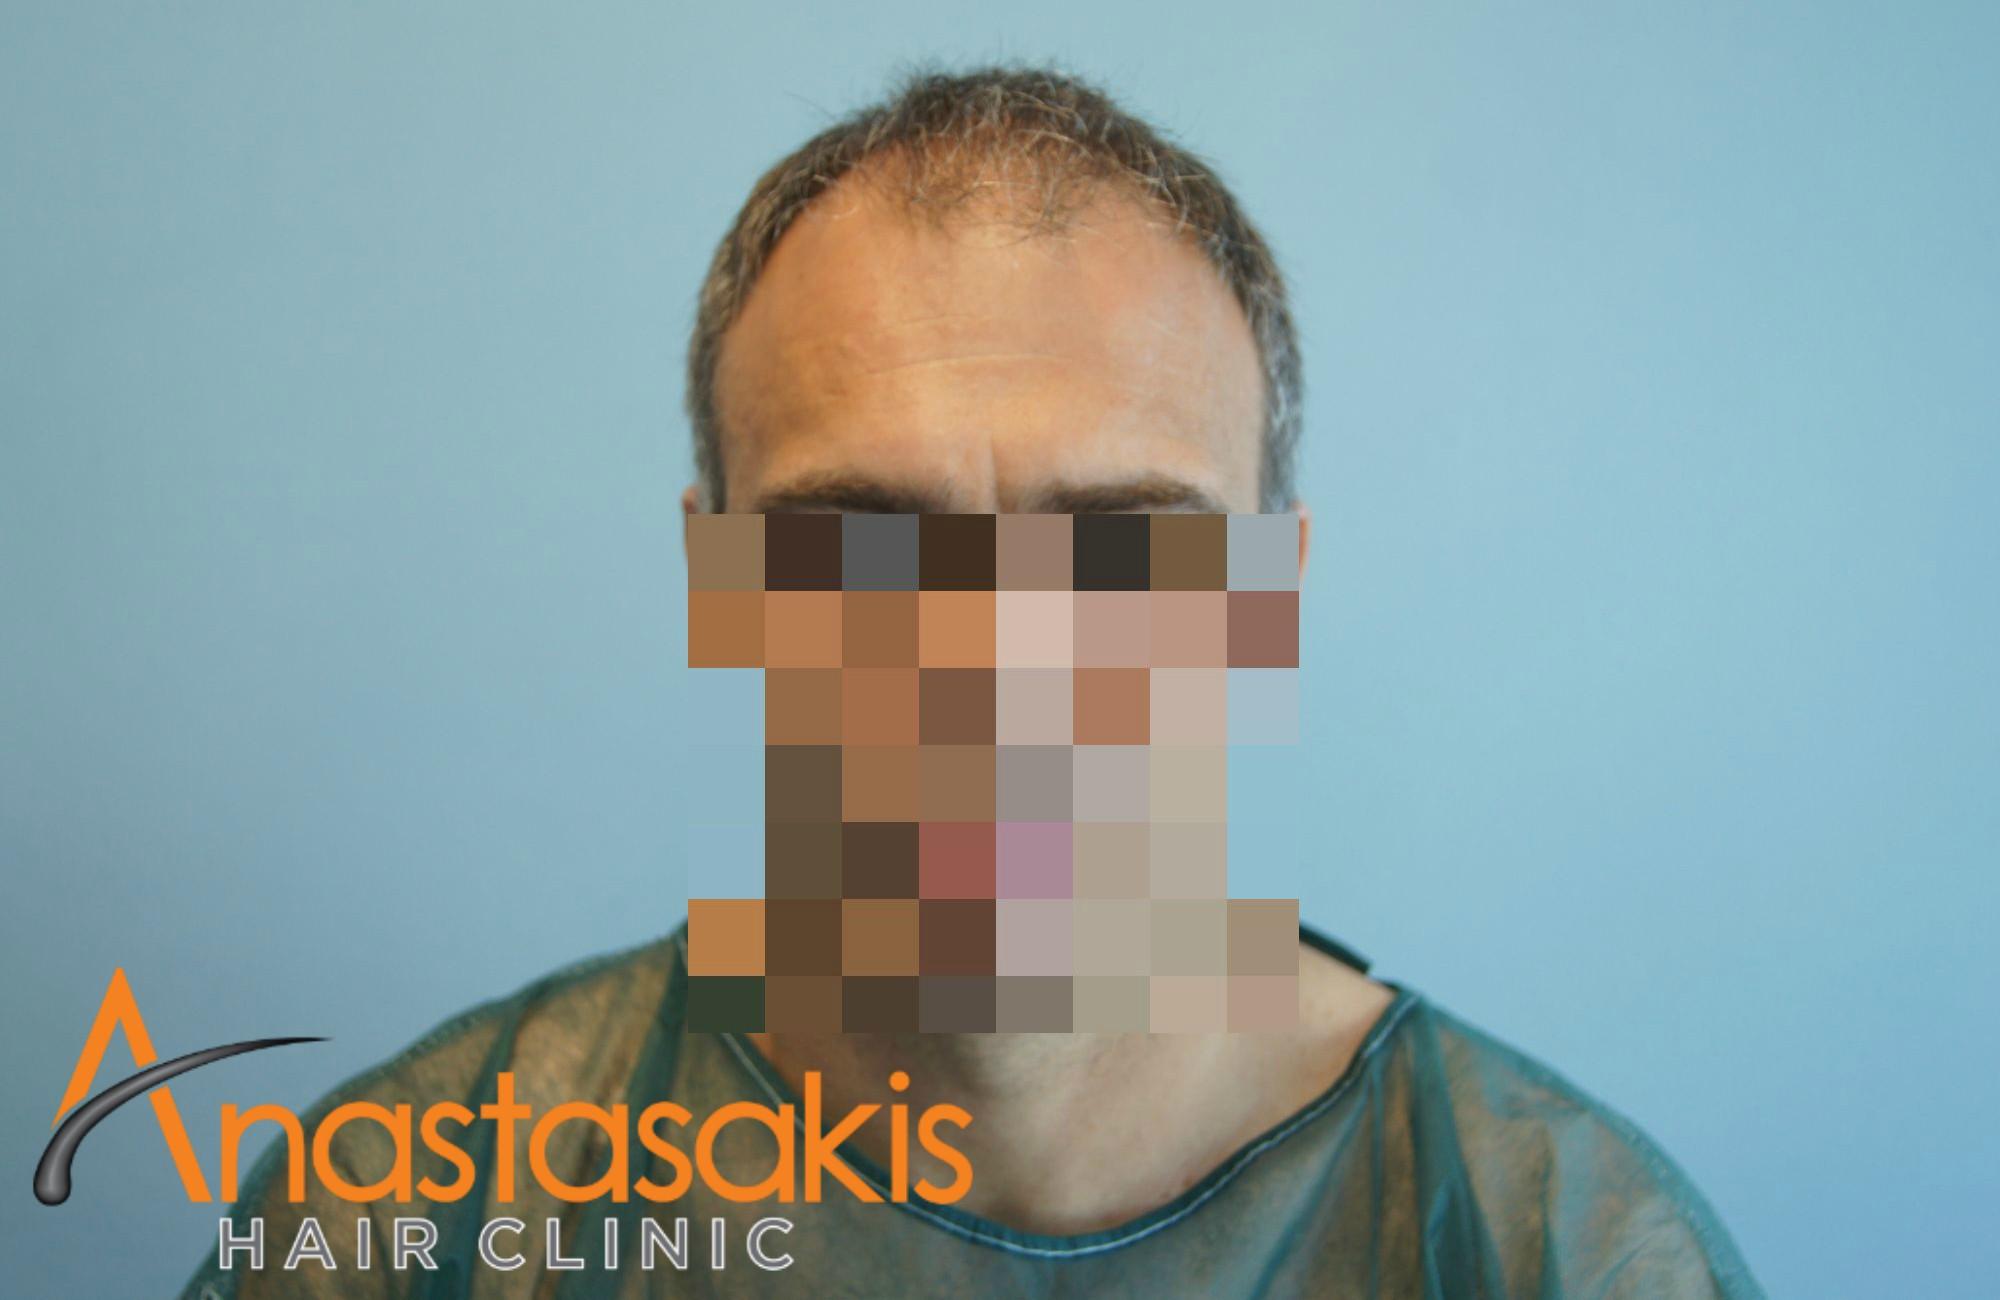 ανφάς ασθενους πριν την εμφύτευση μαλλιών με 3500 fus